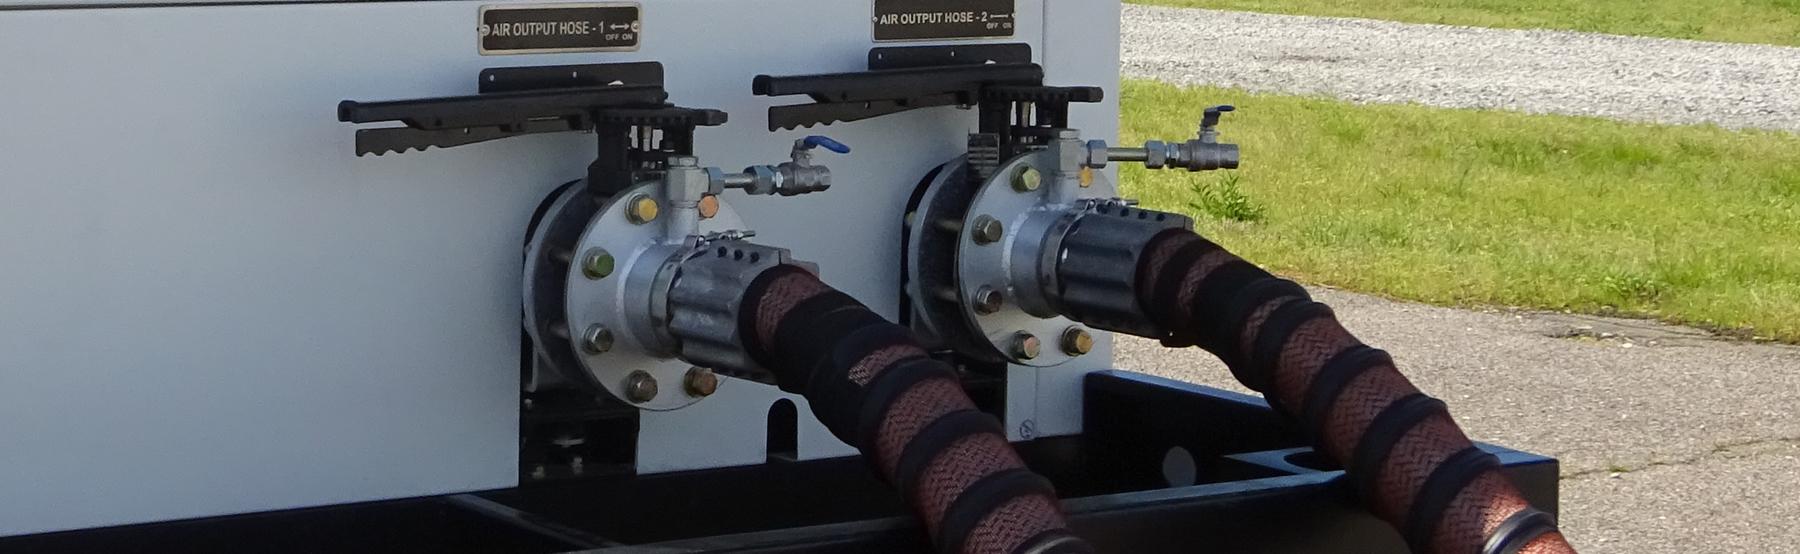 ASU Hoses & Connectors